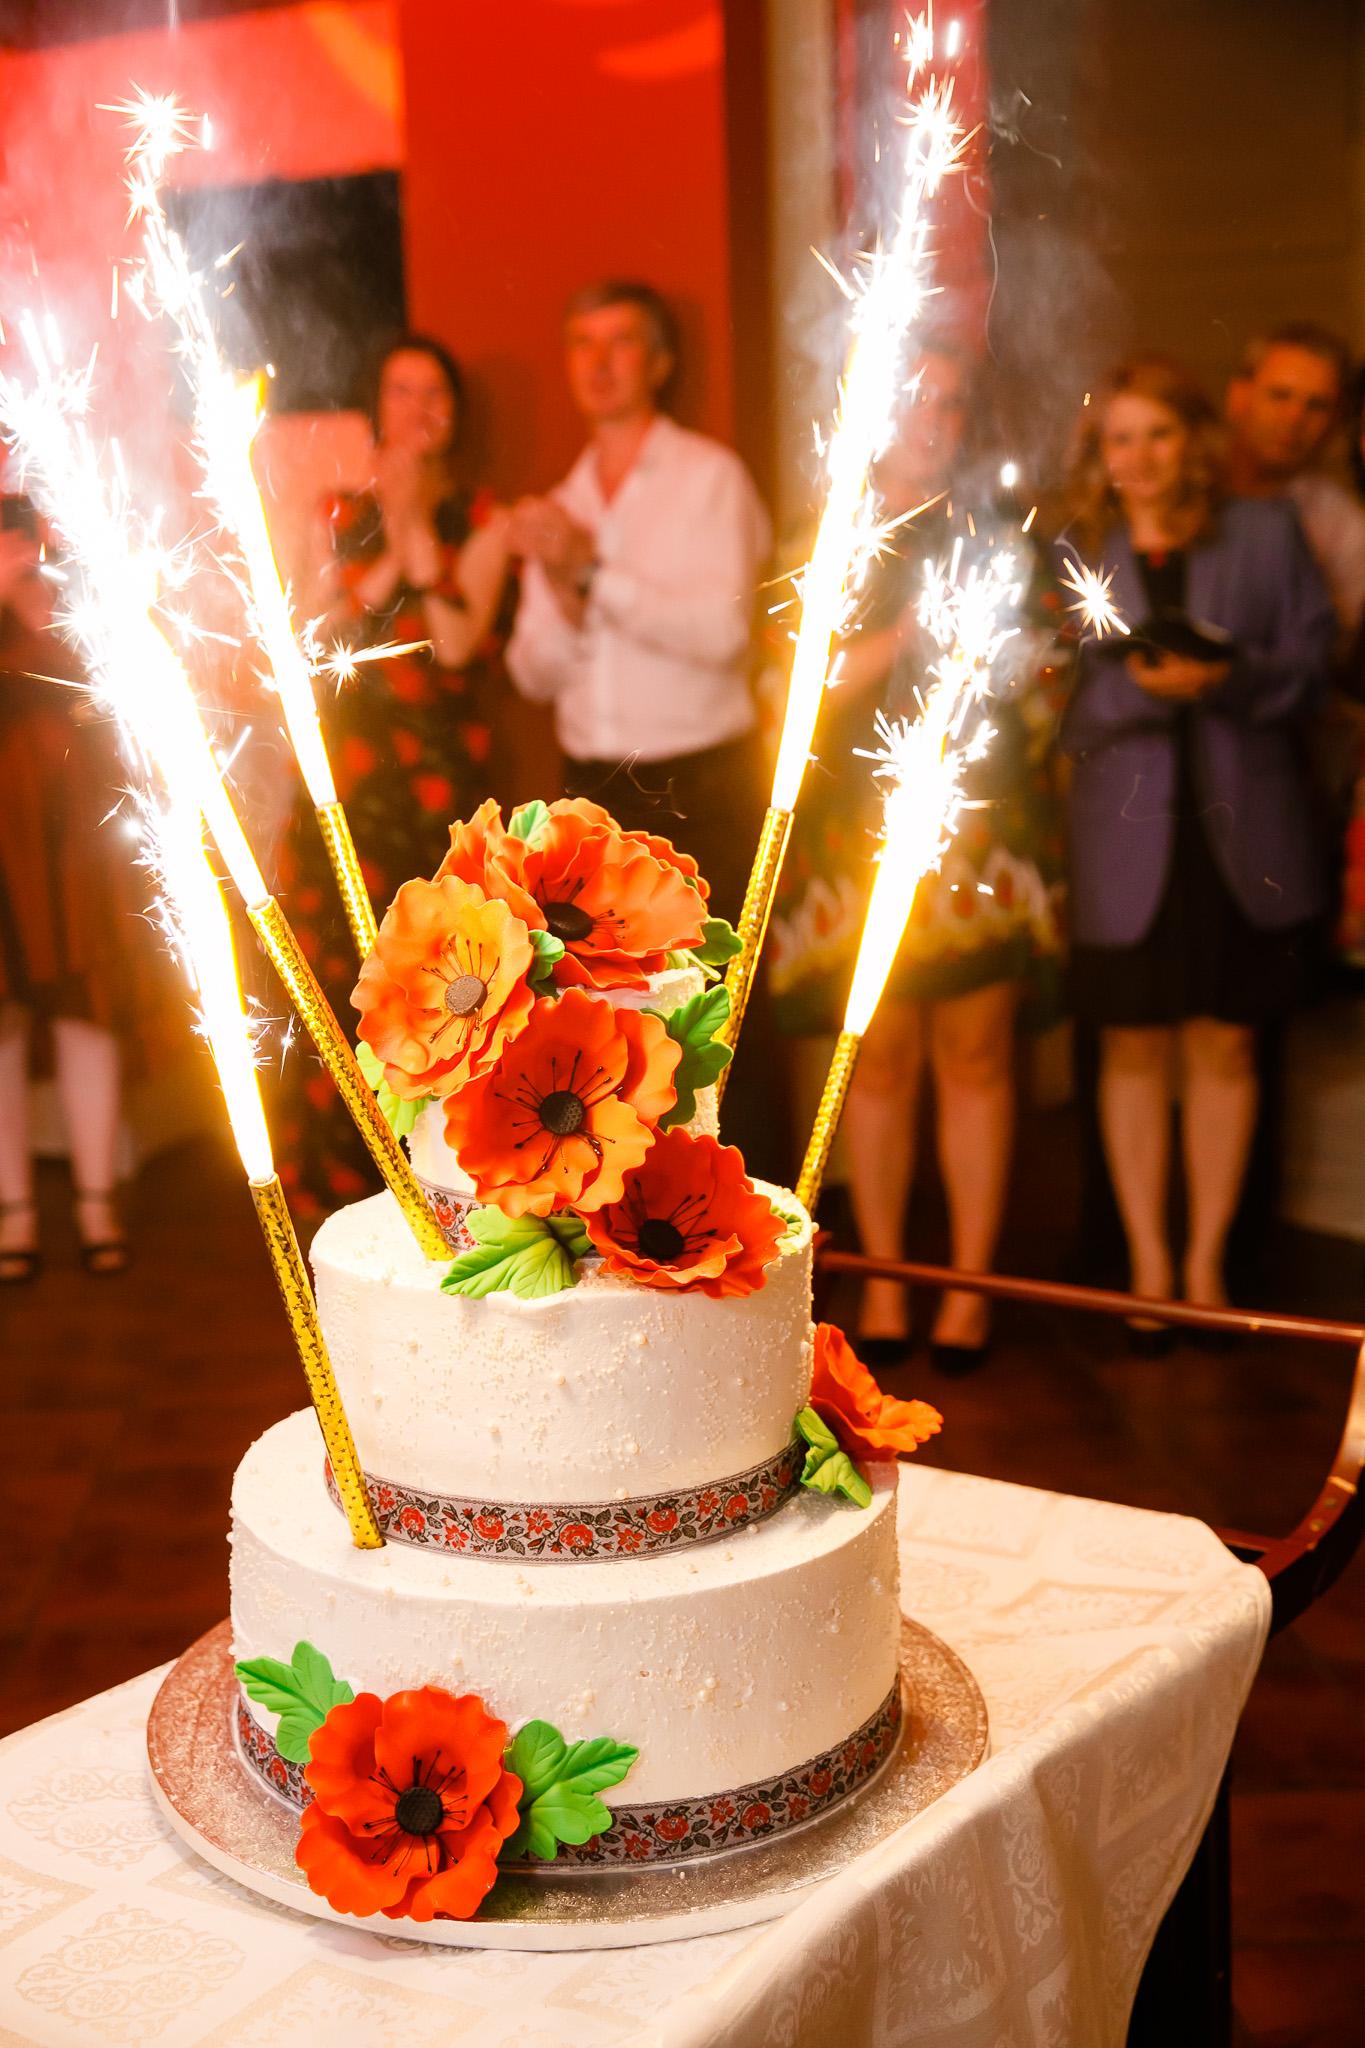 Nuntă tradițională Elisabeta și Alexandru fotograf profesionist nunta Iasi www.paulpadurariu.ro © 2018 Paul Padurariu fotograf de nunta Iasi tortul mirilor 1